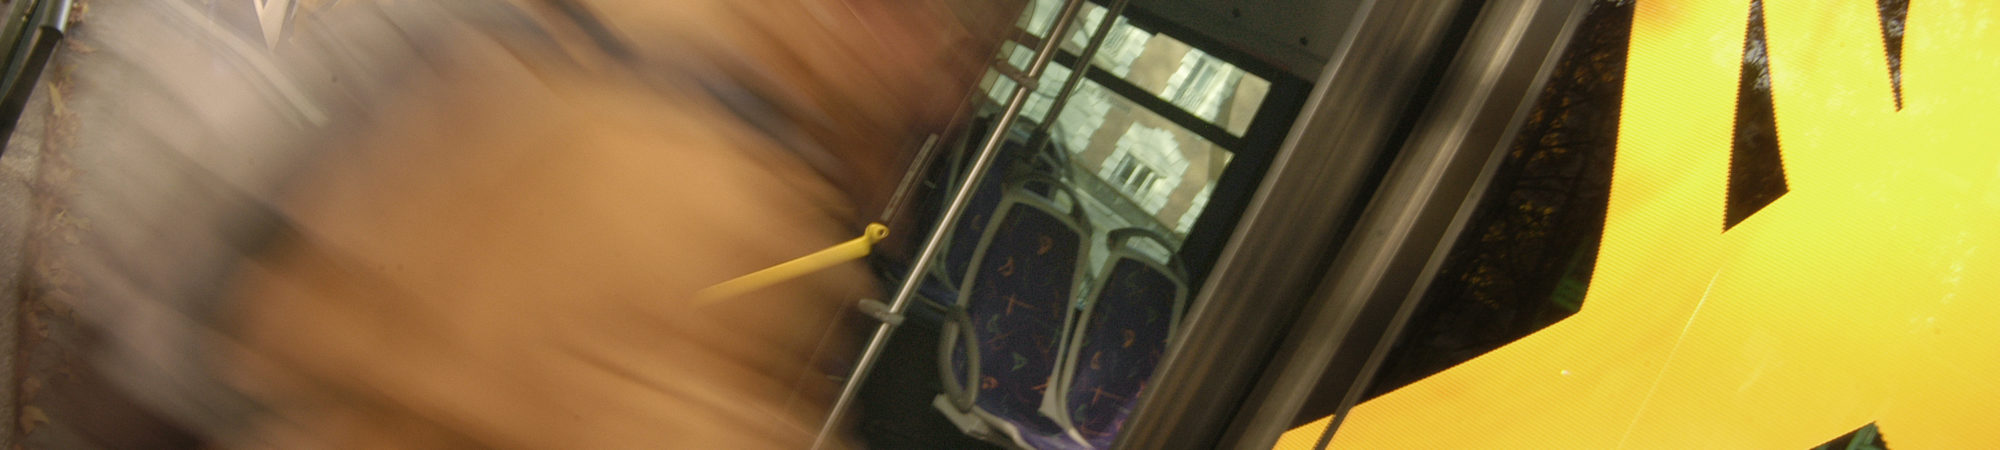 La fraude dans les transports en commun.